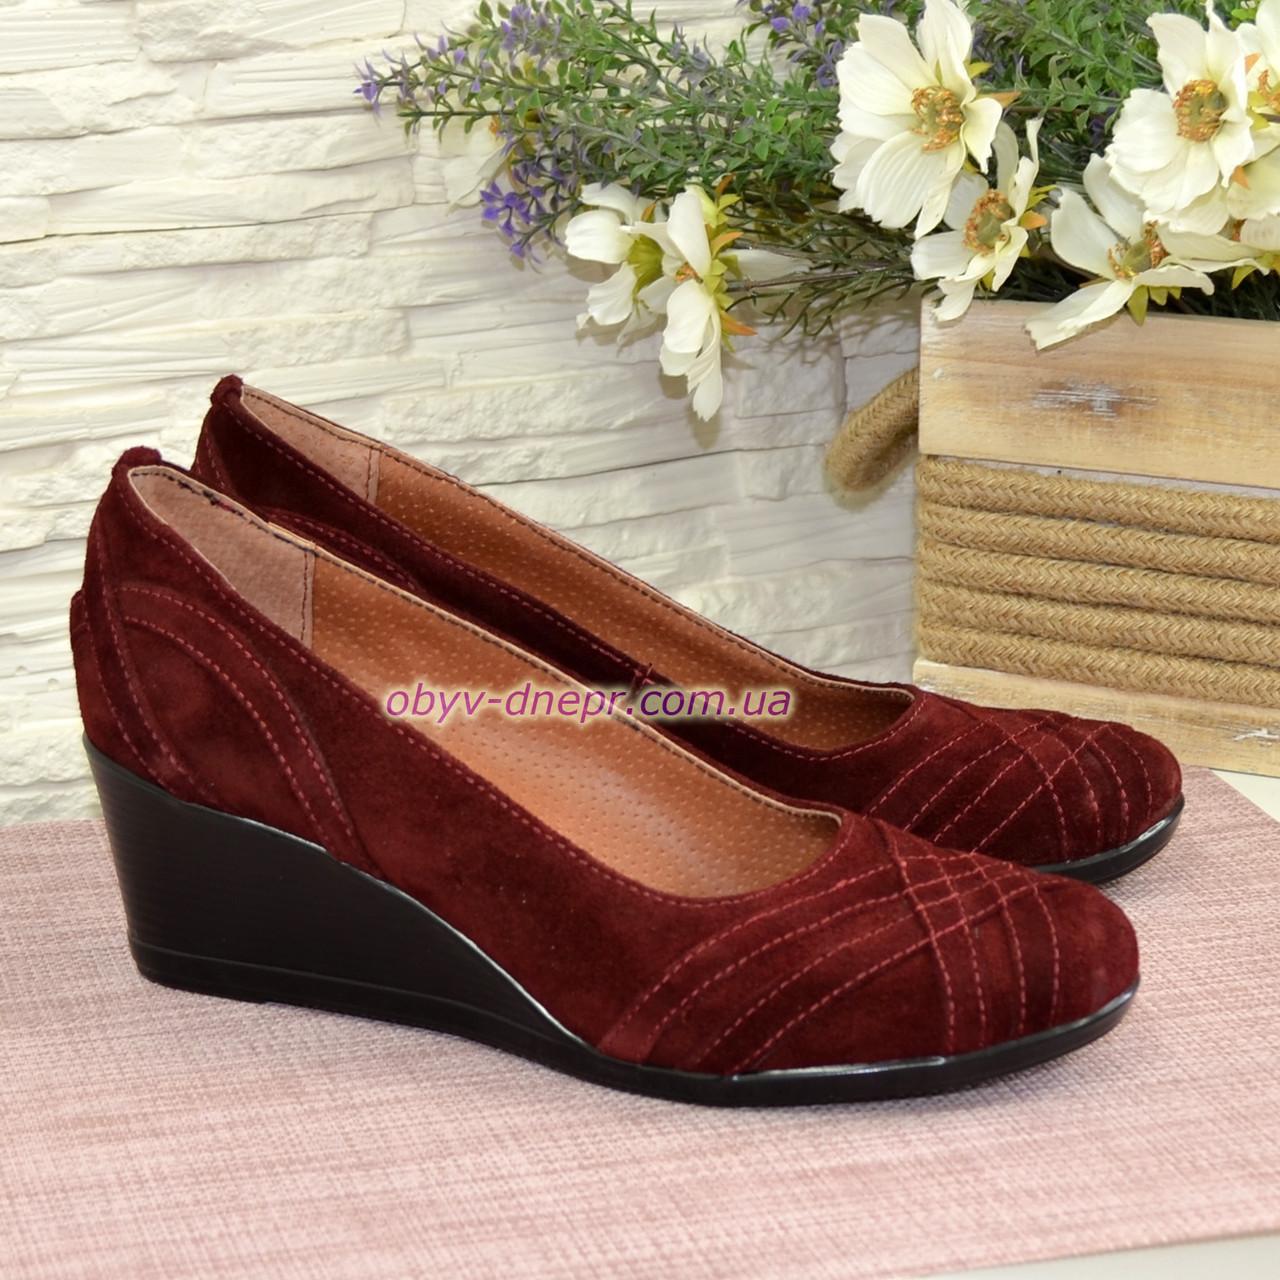 Туфли женские замшевые на танкетке, цвет бордо